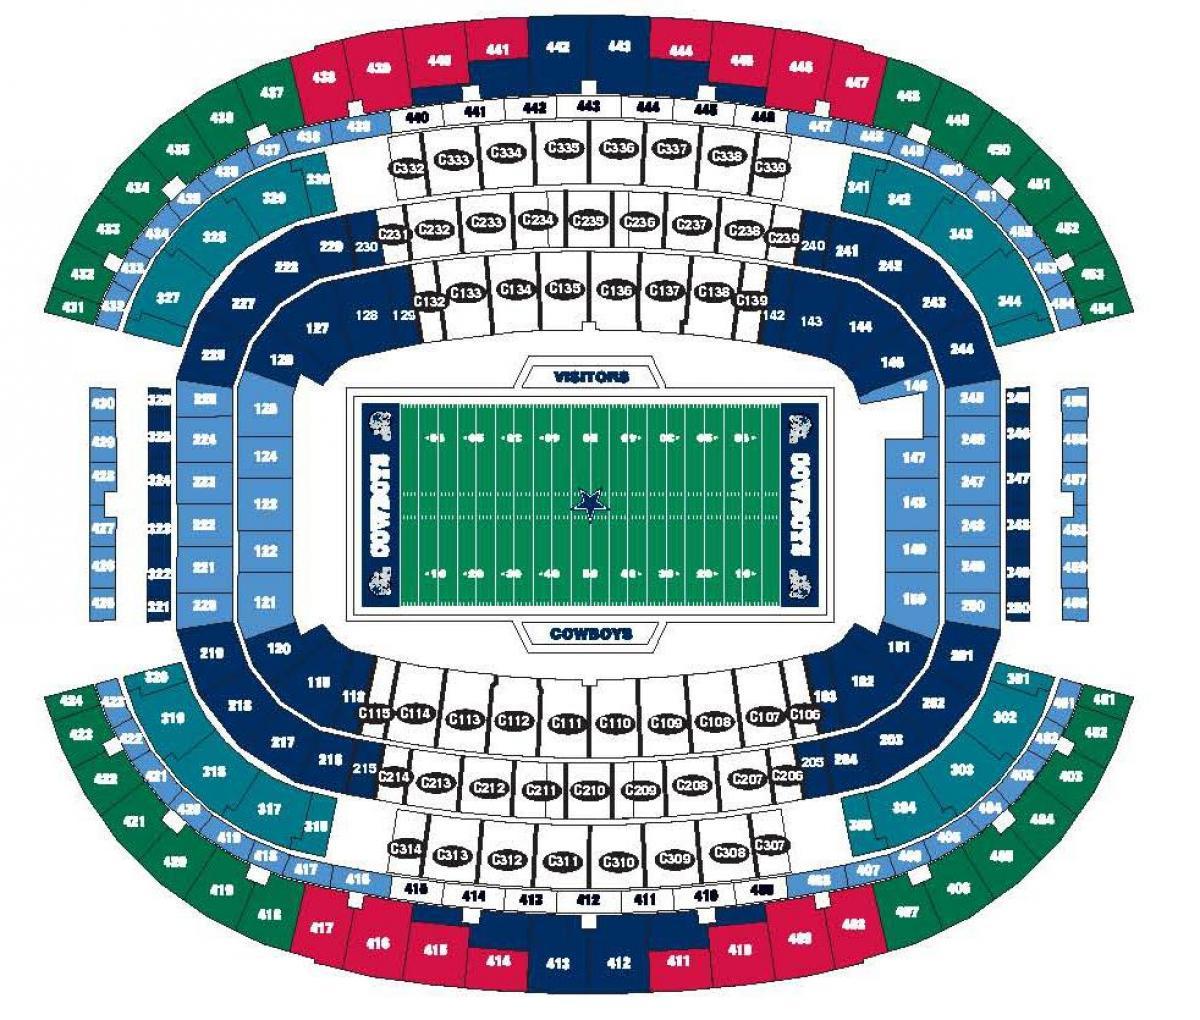 Dallas Cowboys Practice Facility